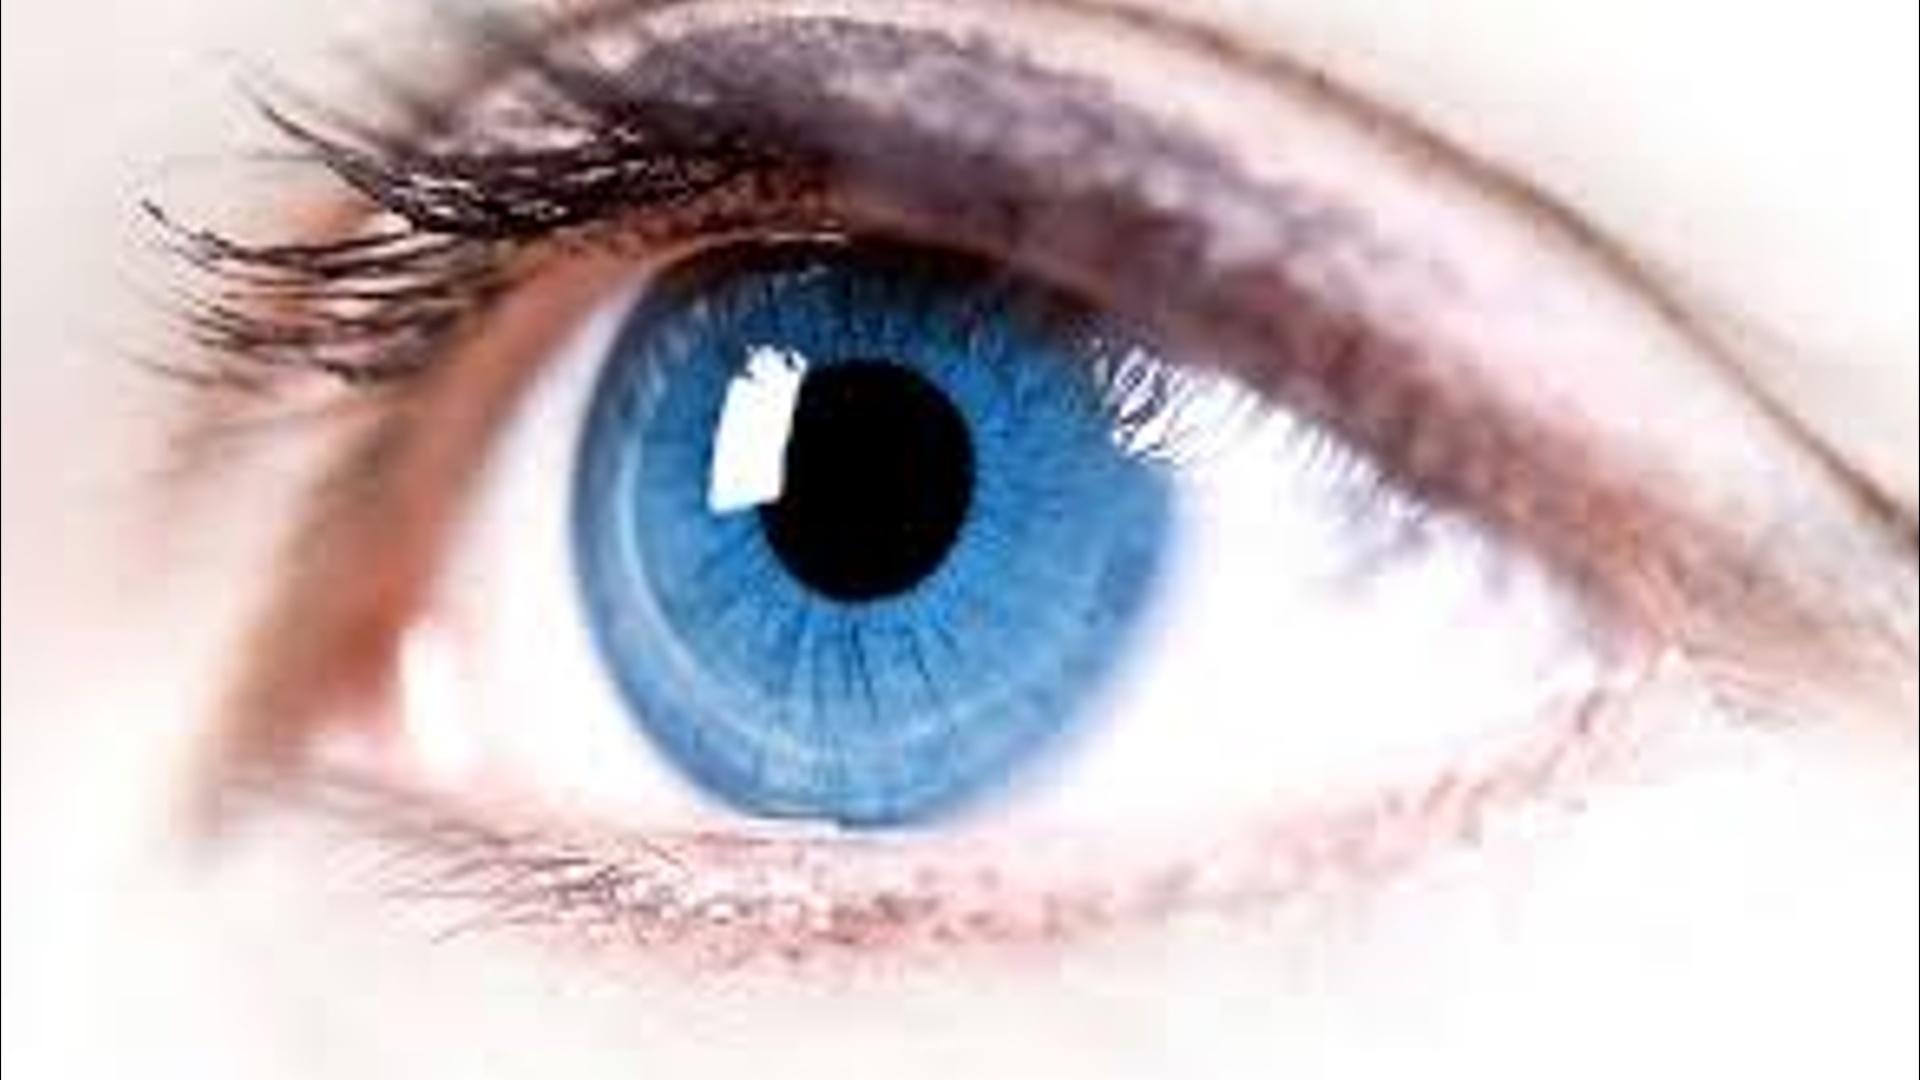 Alimlər labaratoriya şəraitində gözün torlu qişasını əmələ gətiriblər